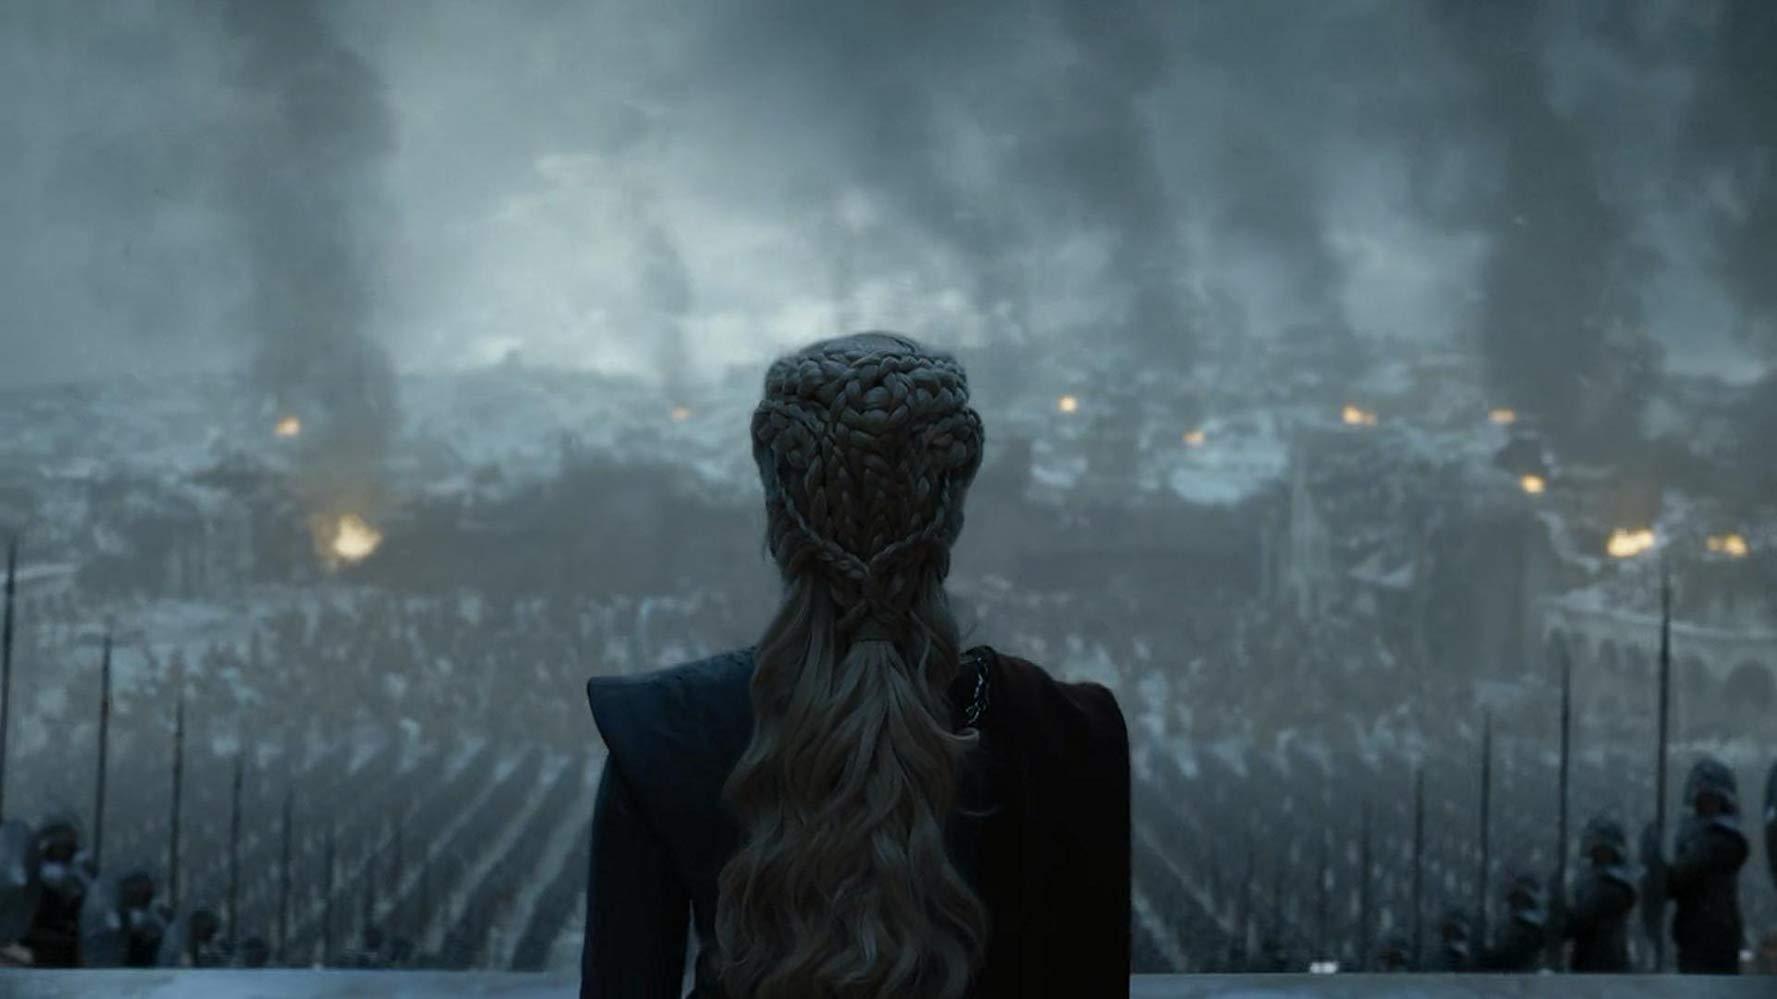 Il trono di spade: Emilia Clarke durane il finale di serie